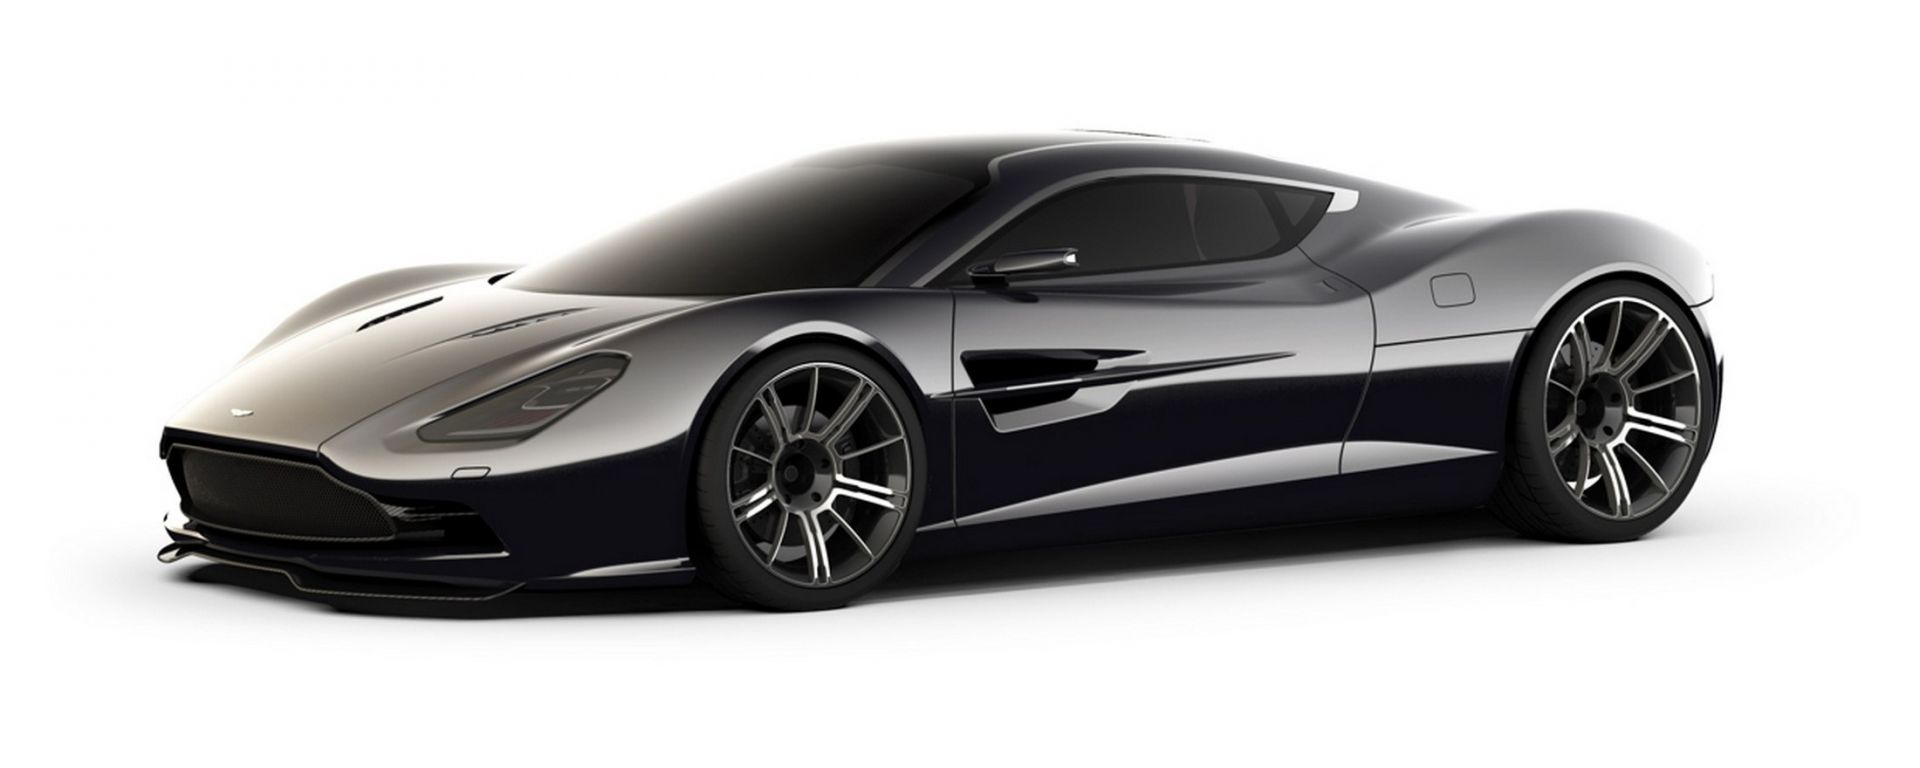 Aston Martin pensa a una rivale della Ferrari 488